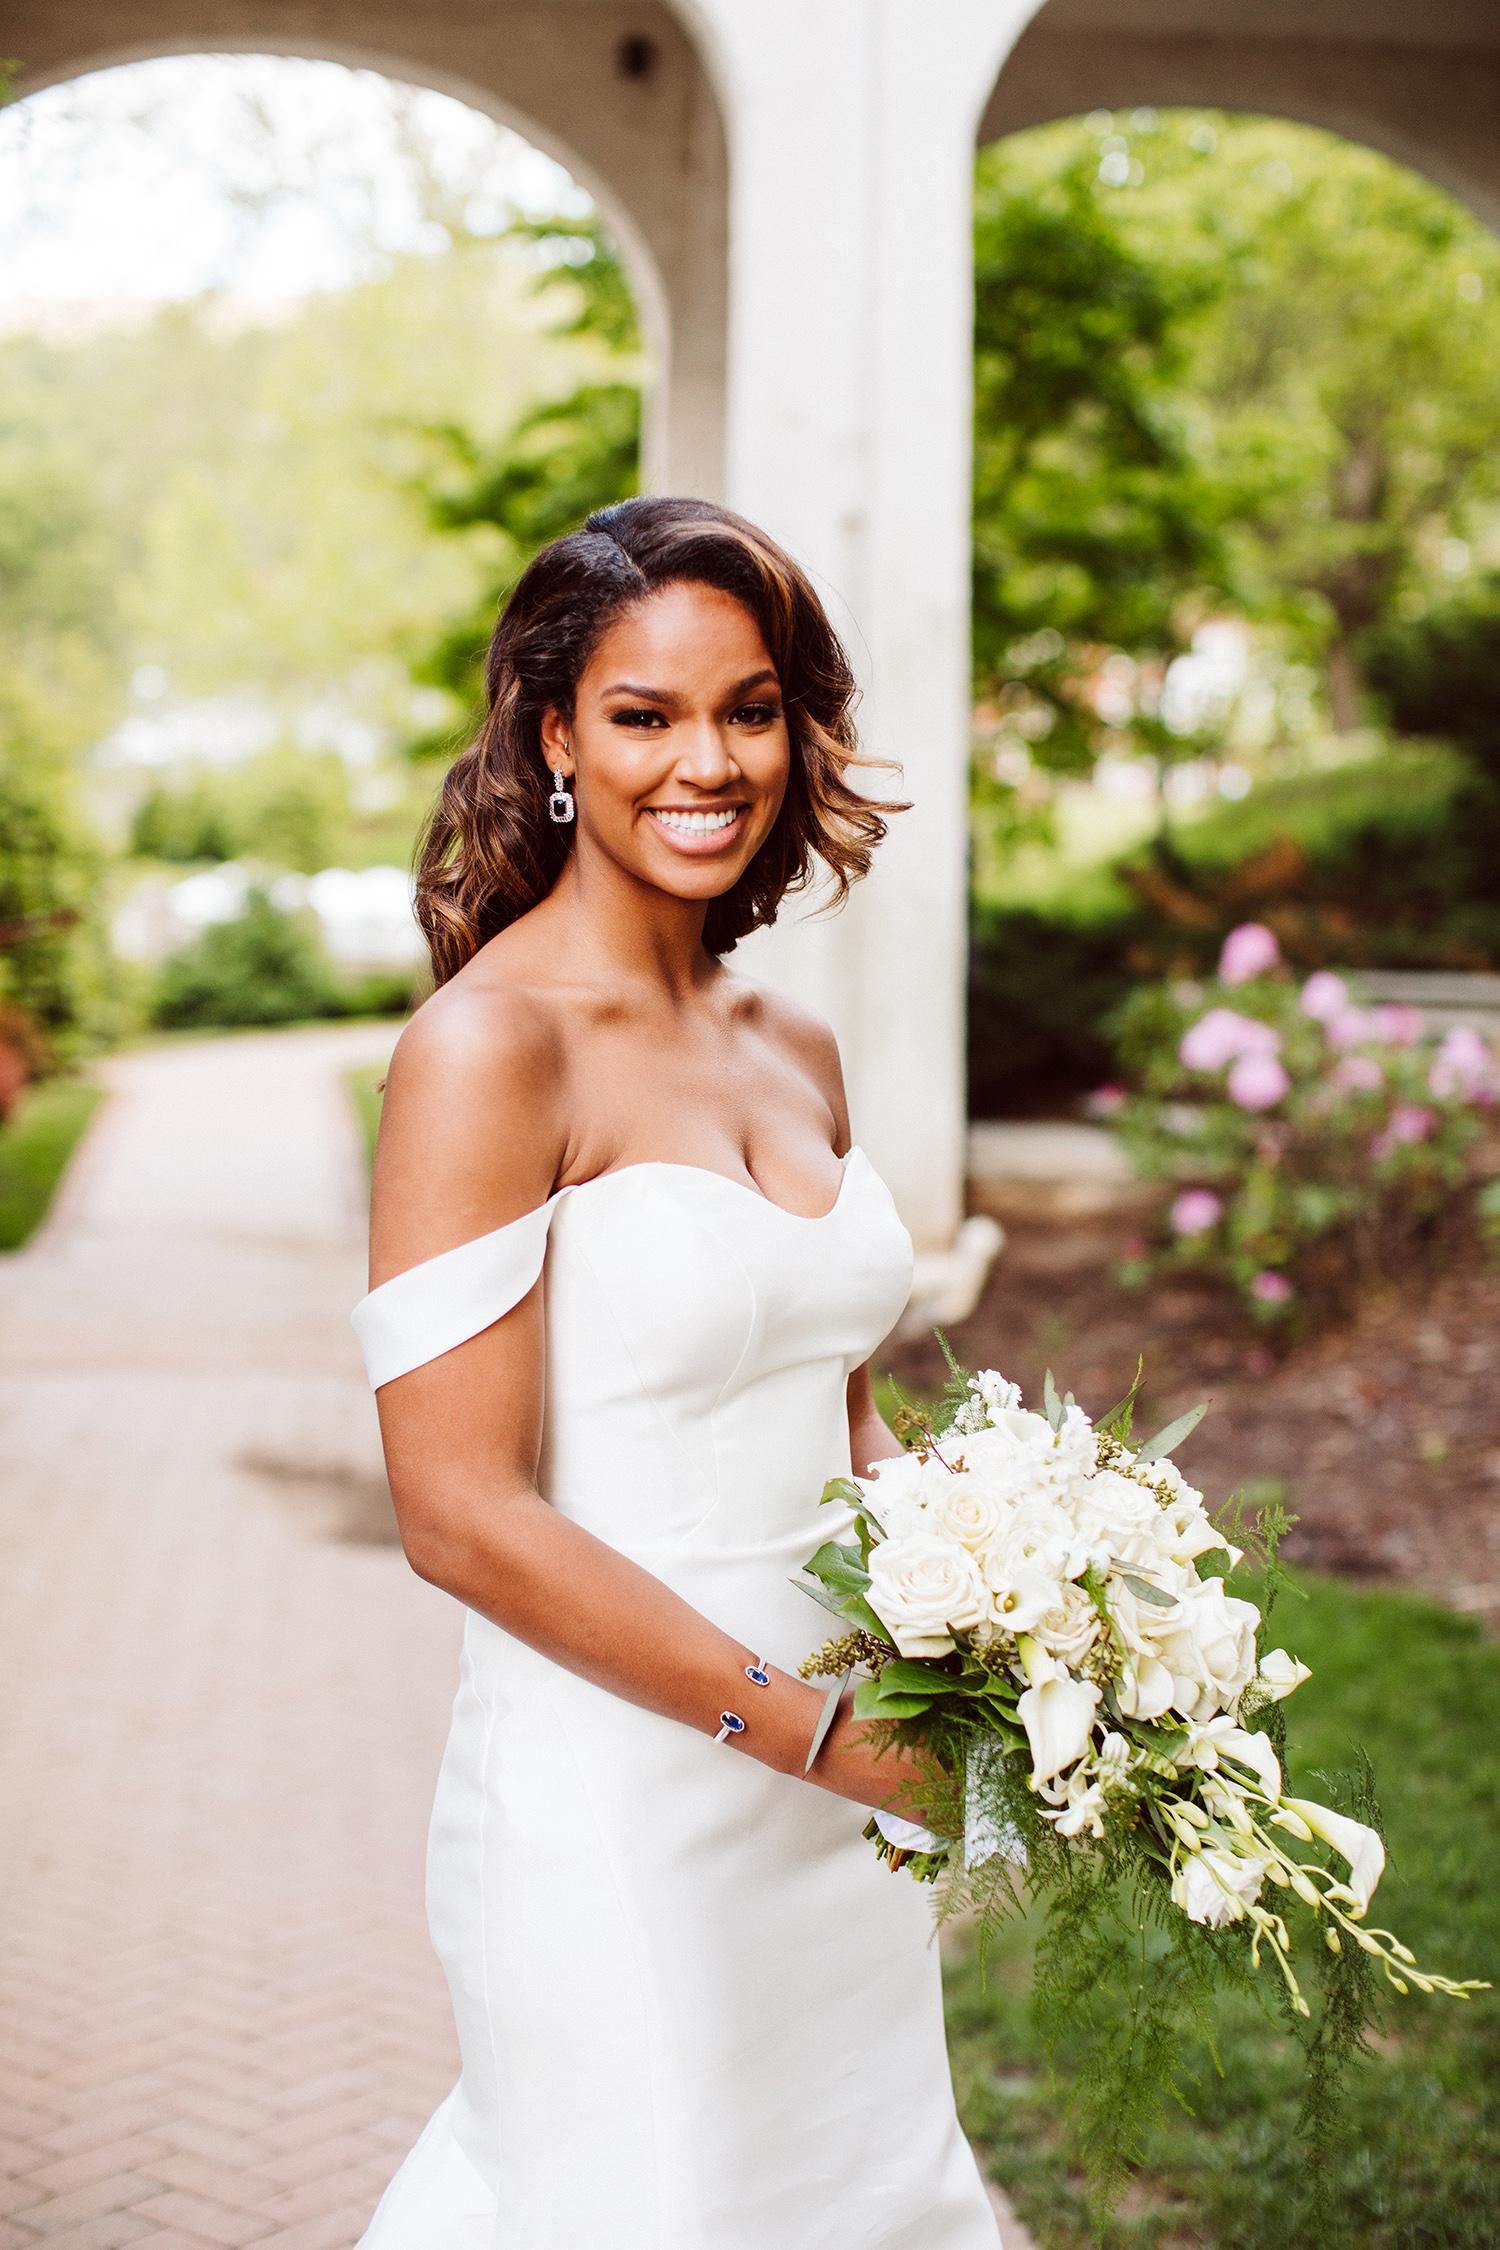 bryanna nick wedding bride white dress bouquet